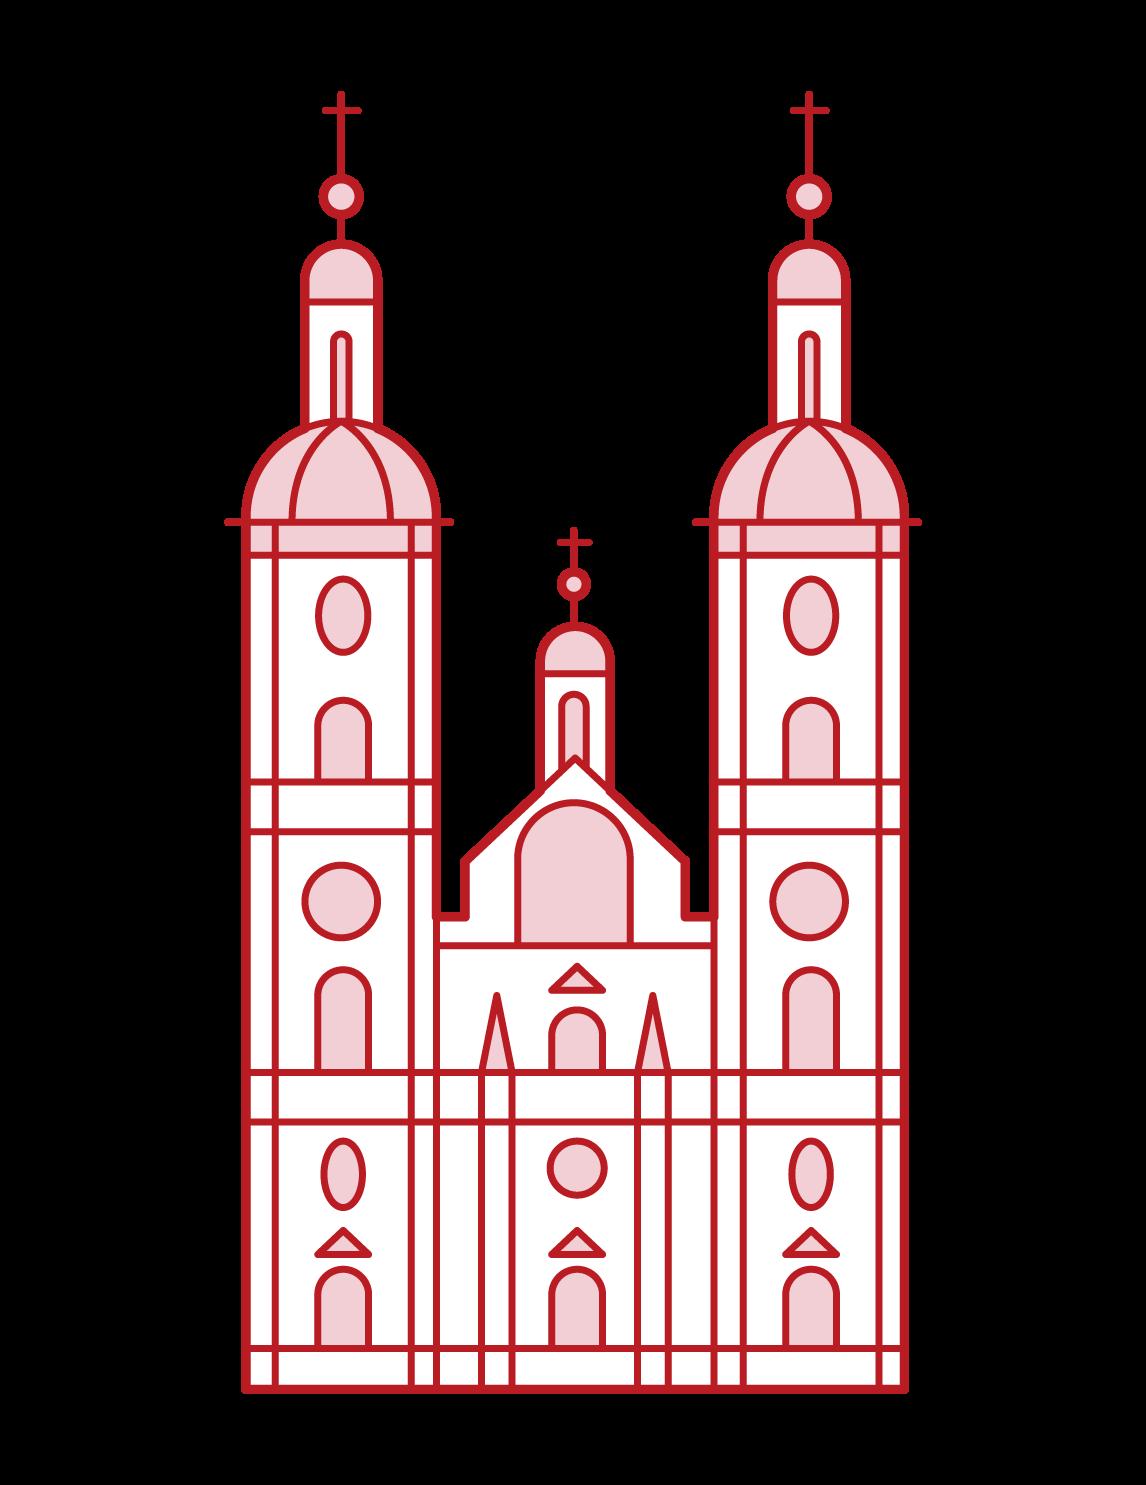 ザンクト・ガレン修道院のイラスト